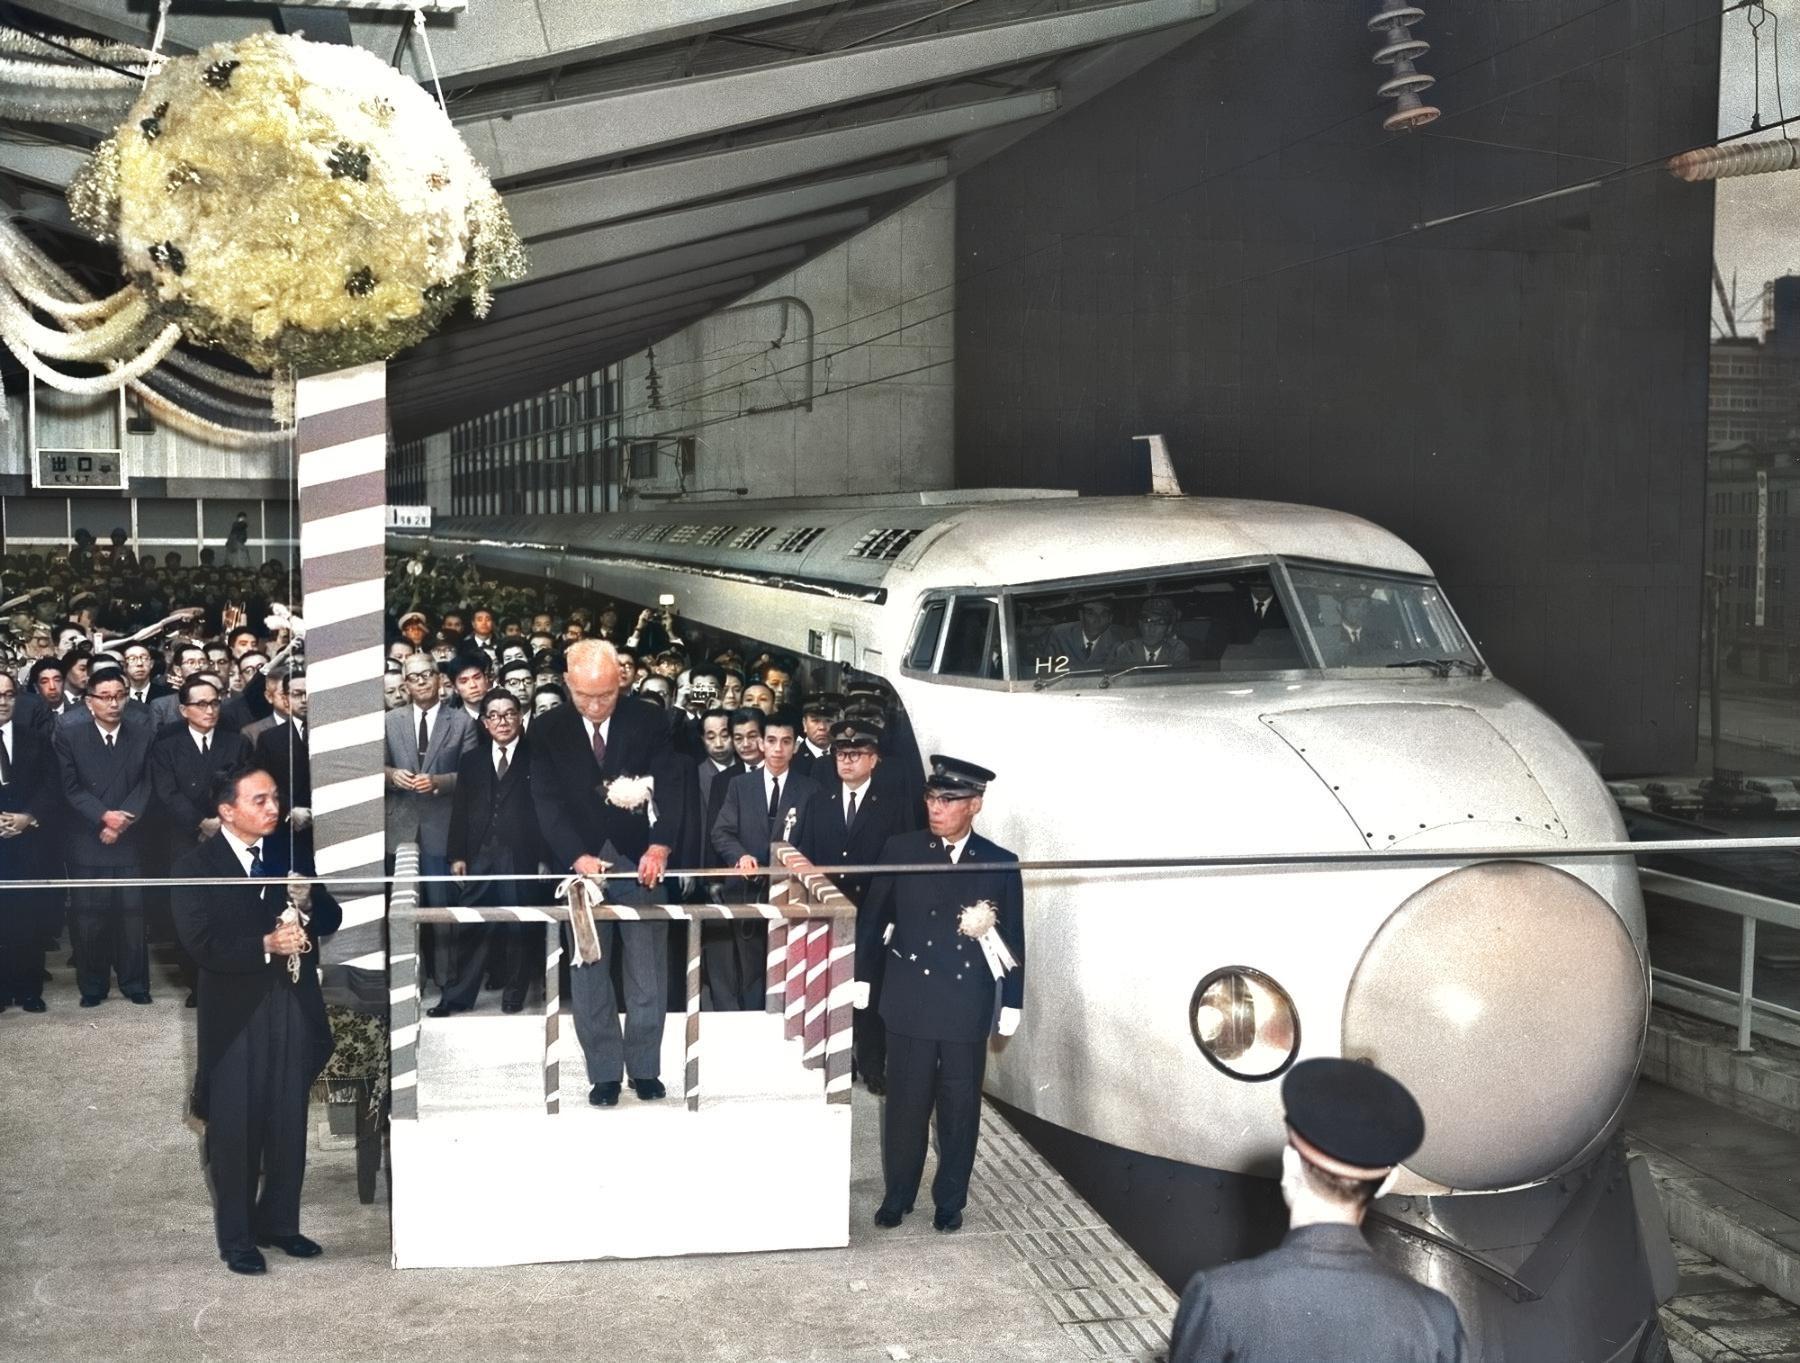 1964年10月1日、「夢の超特急」と呼ばれた東海道新幹線が開業した。東京駅で行われた「ひかり1号」の出発式